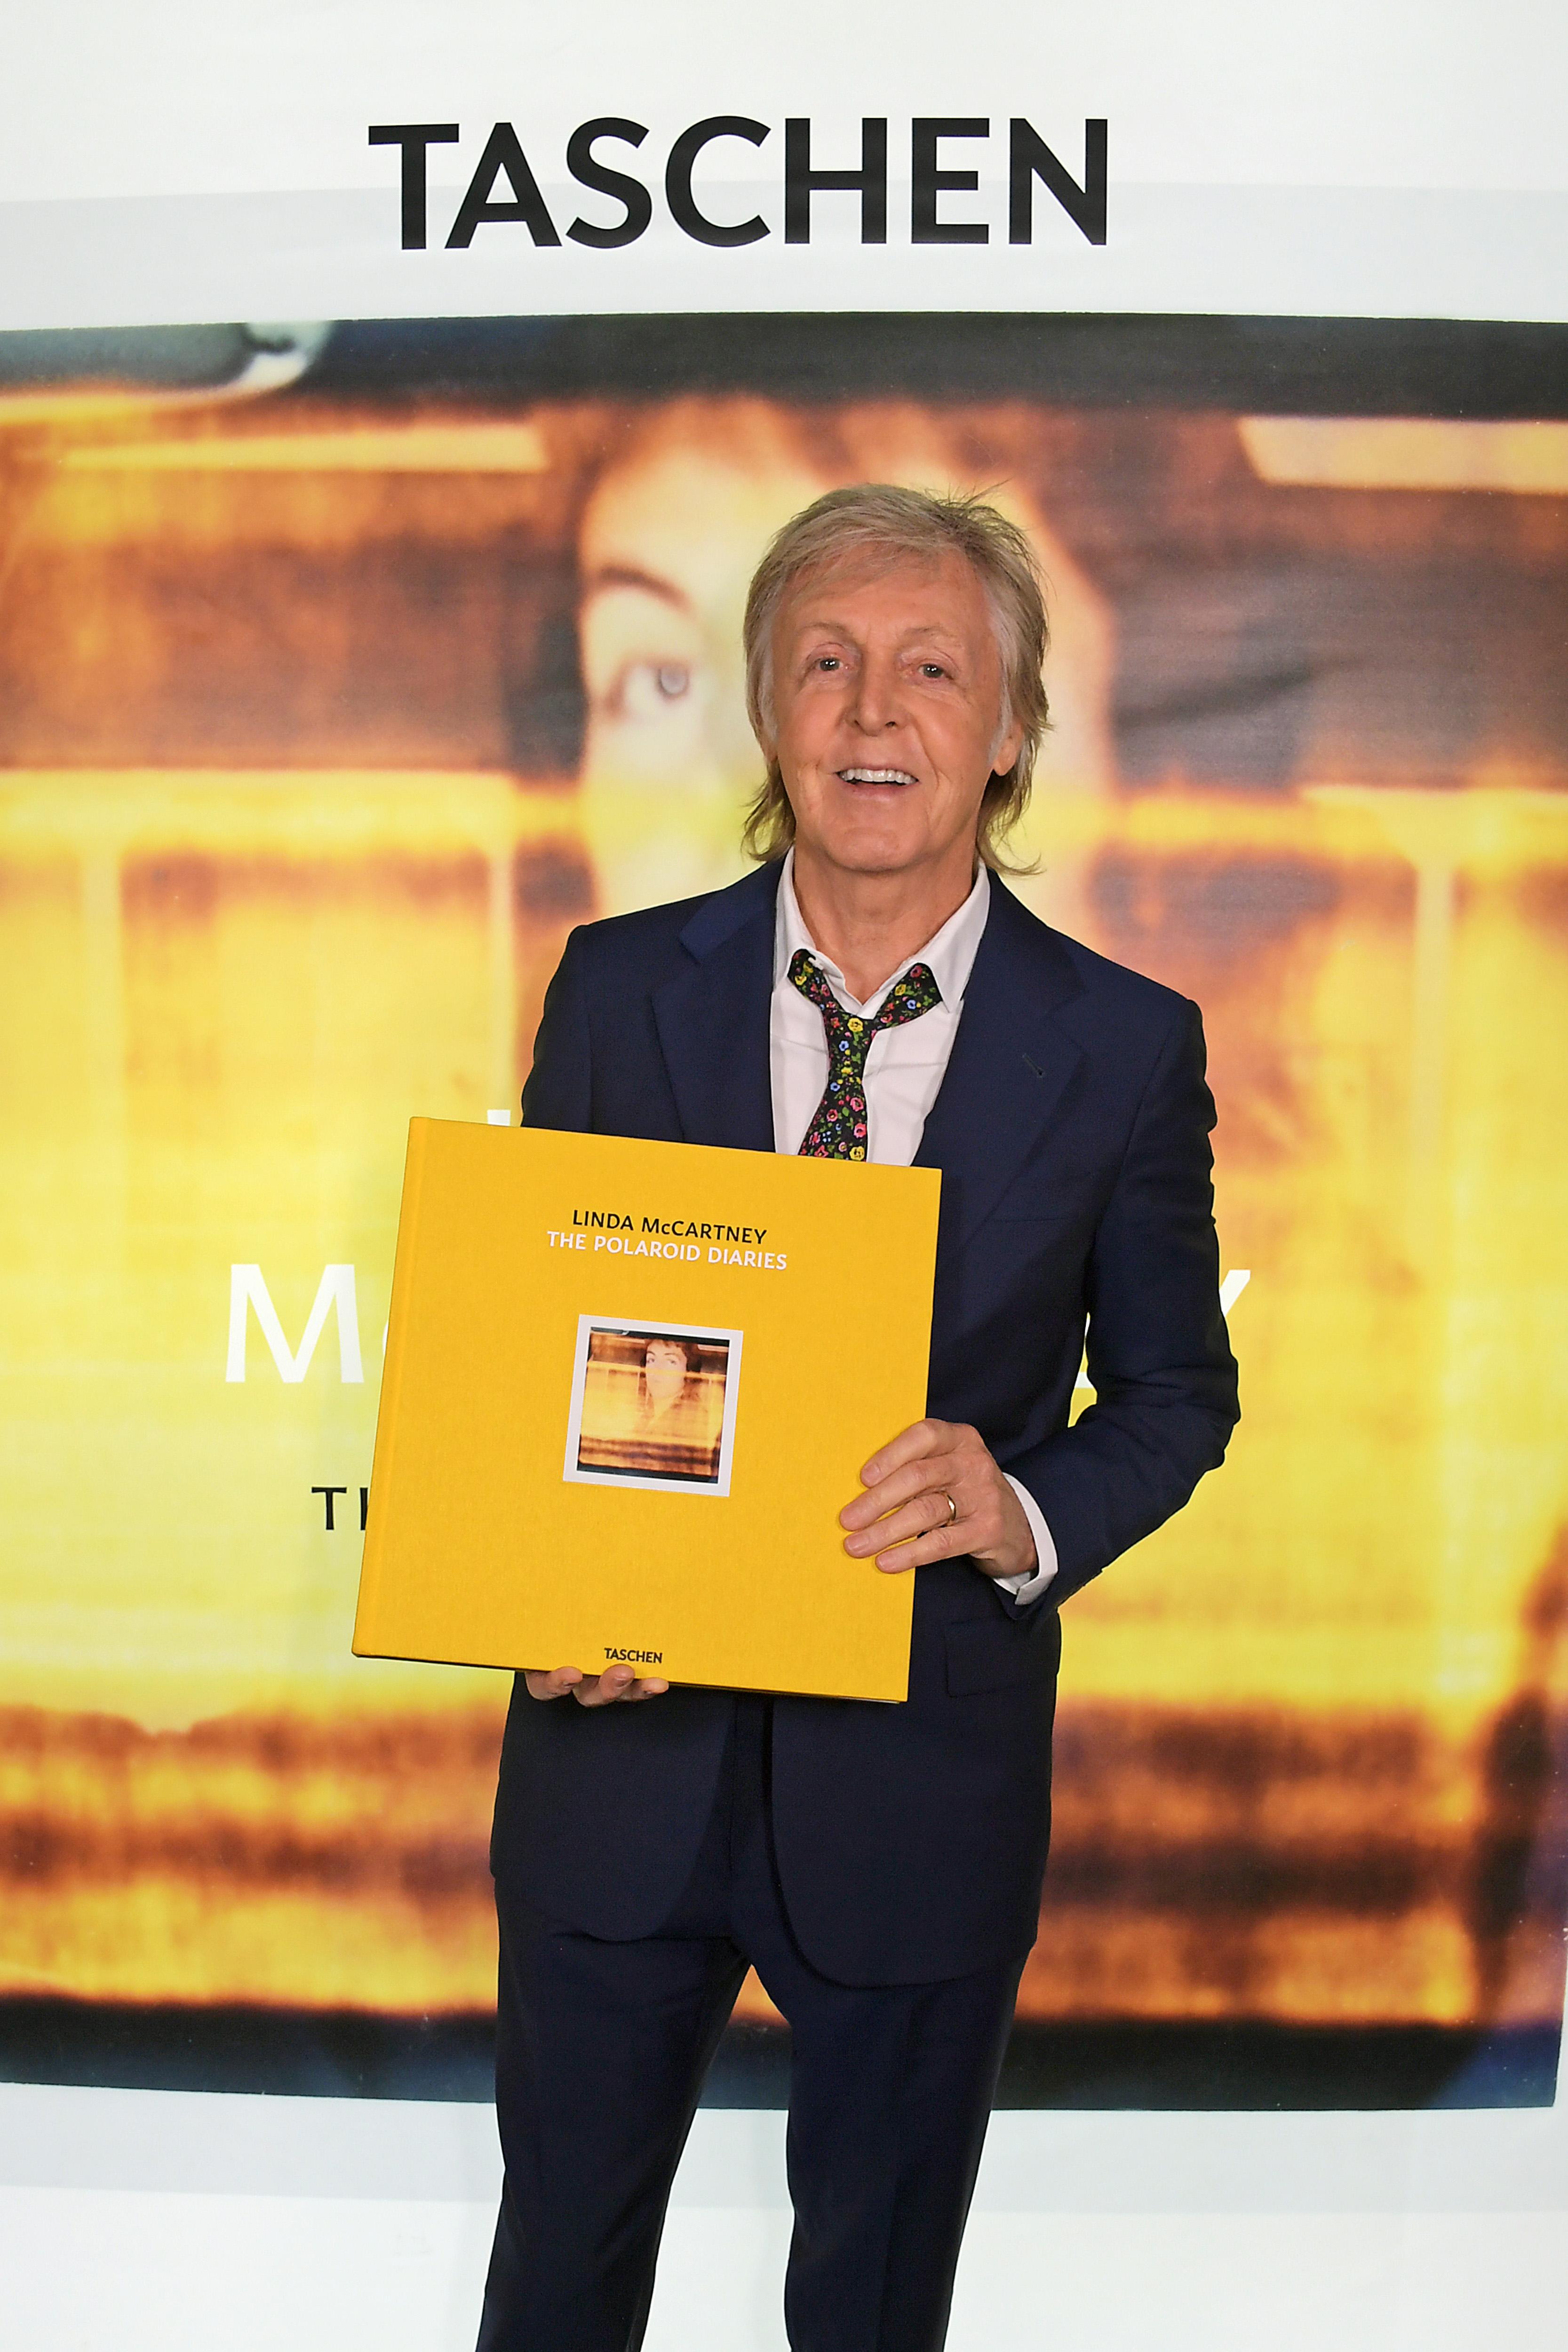 Paul McCartney freut sich sichtlich über die neue Publikation